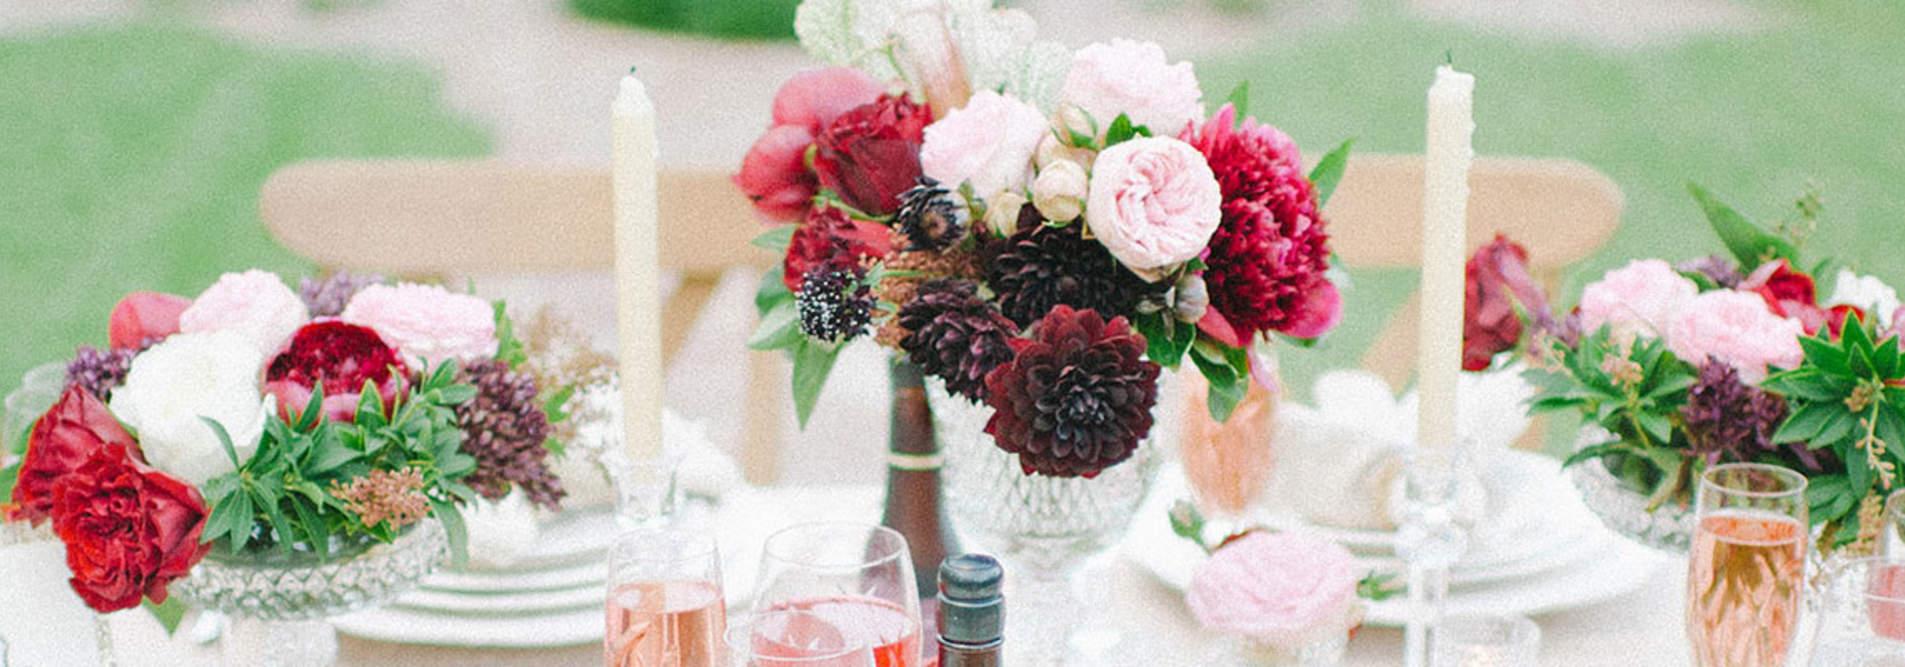 Lugares para bodas en monterrey - Sitios para bodas ...